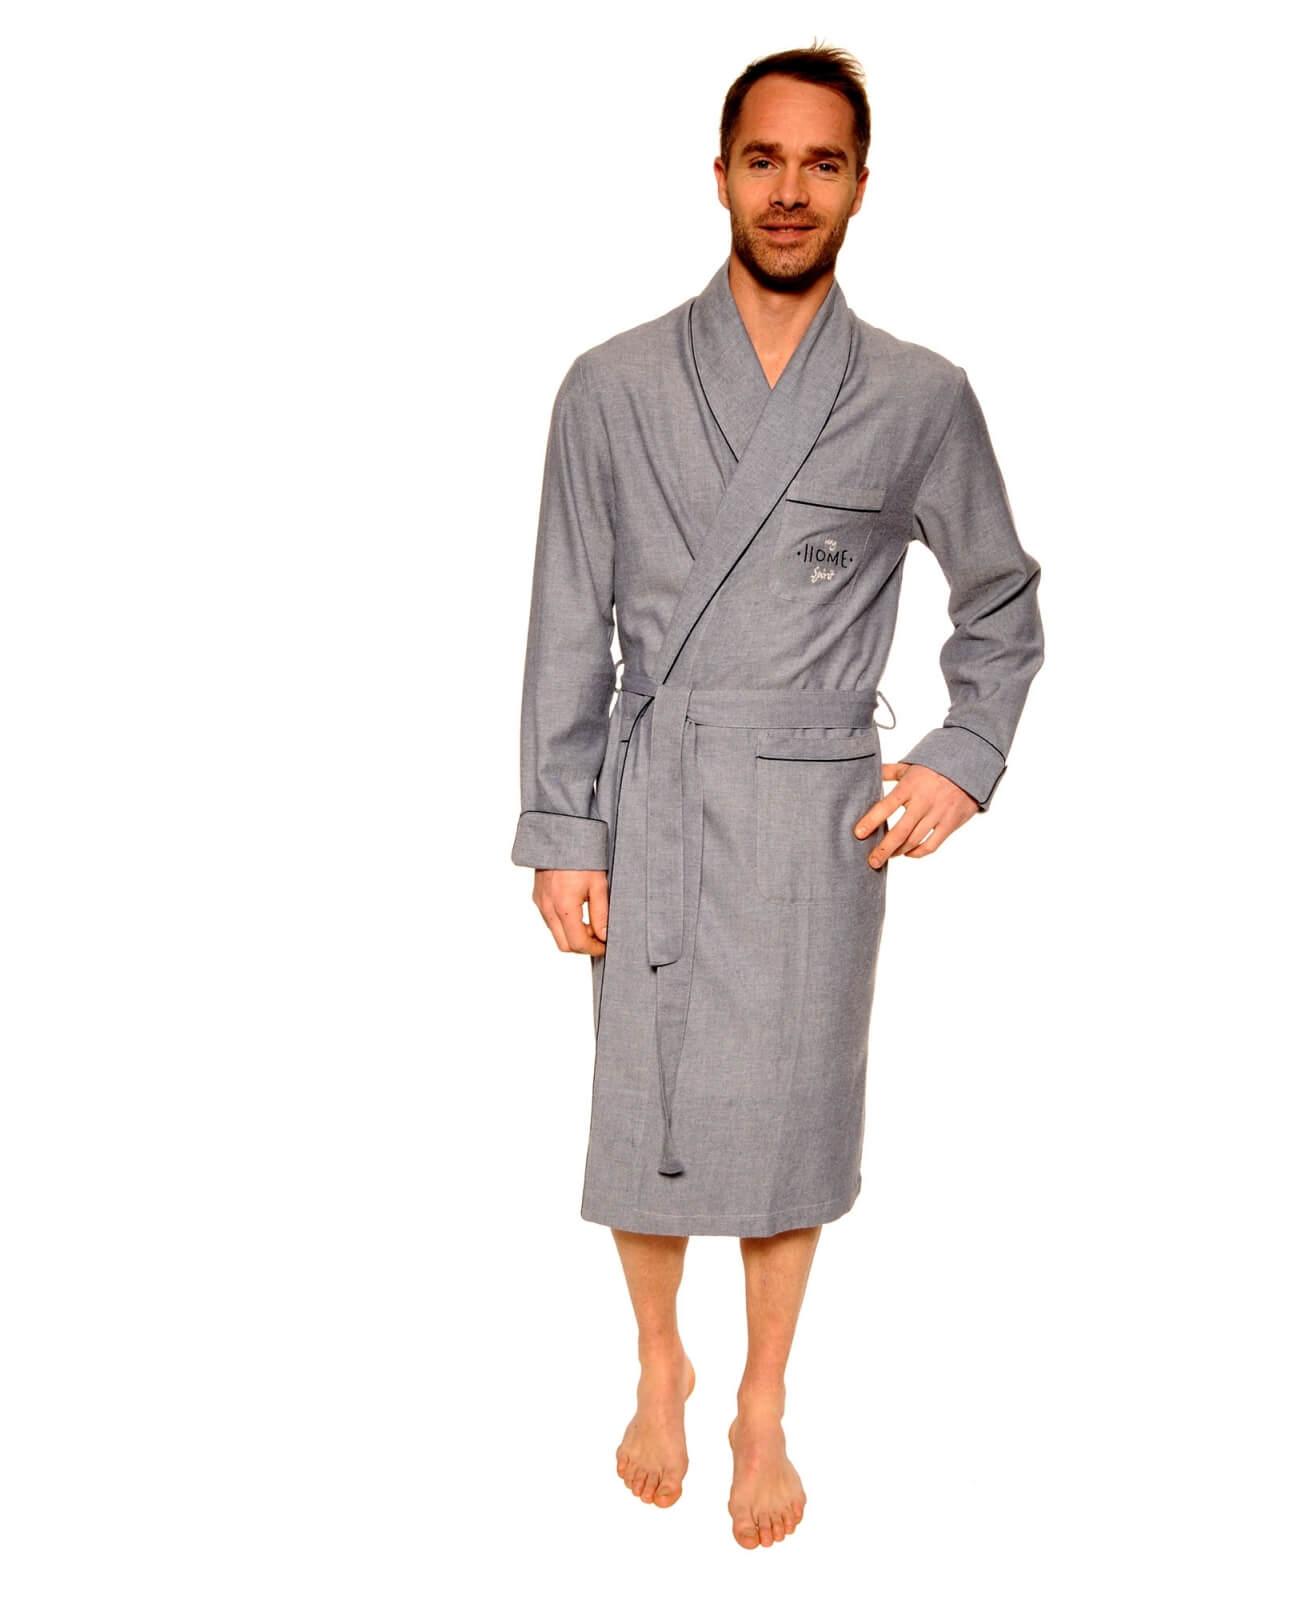 6076fe7d46181 Robe de chambre Homme, Promo 17H -30 %, Modèle BERNE